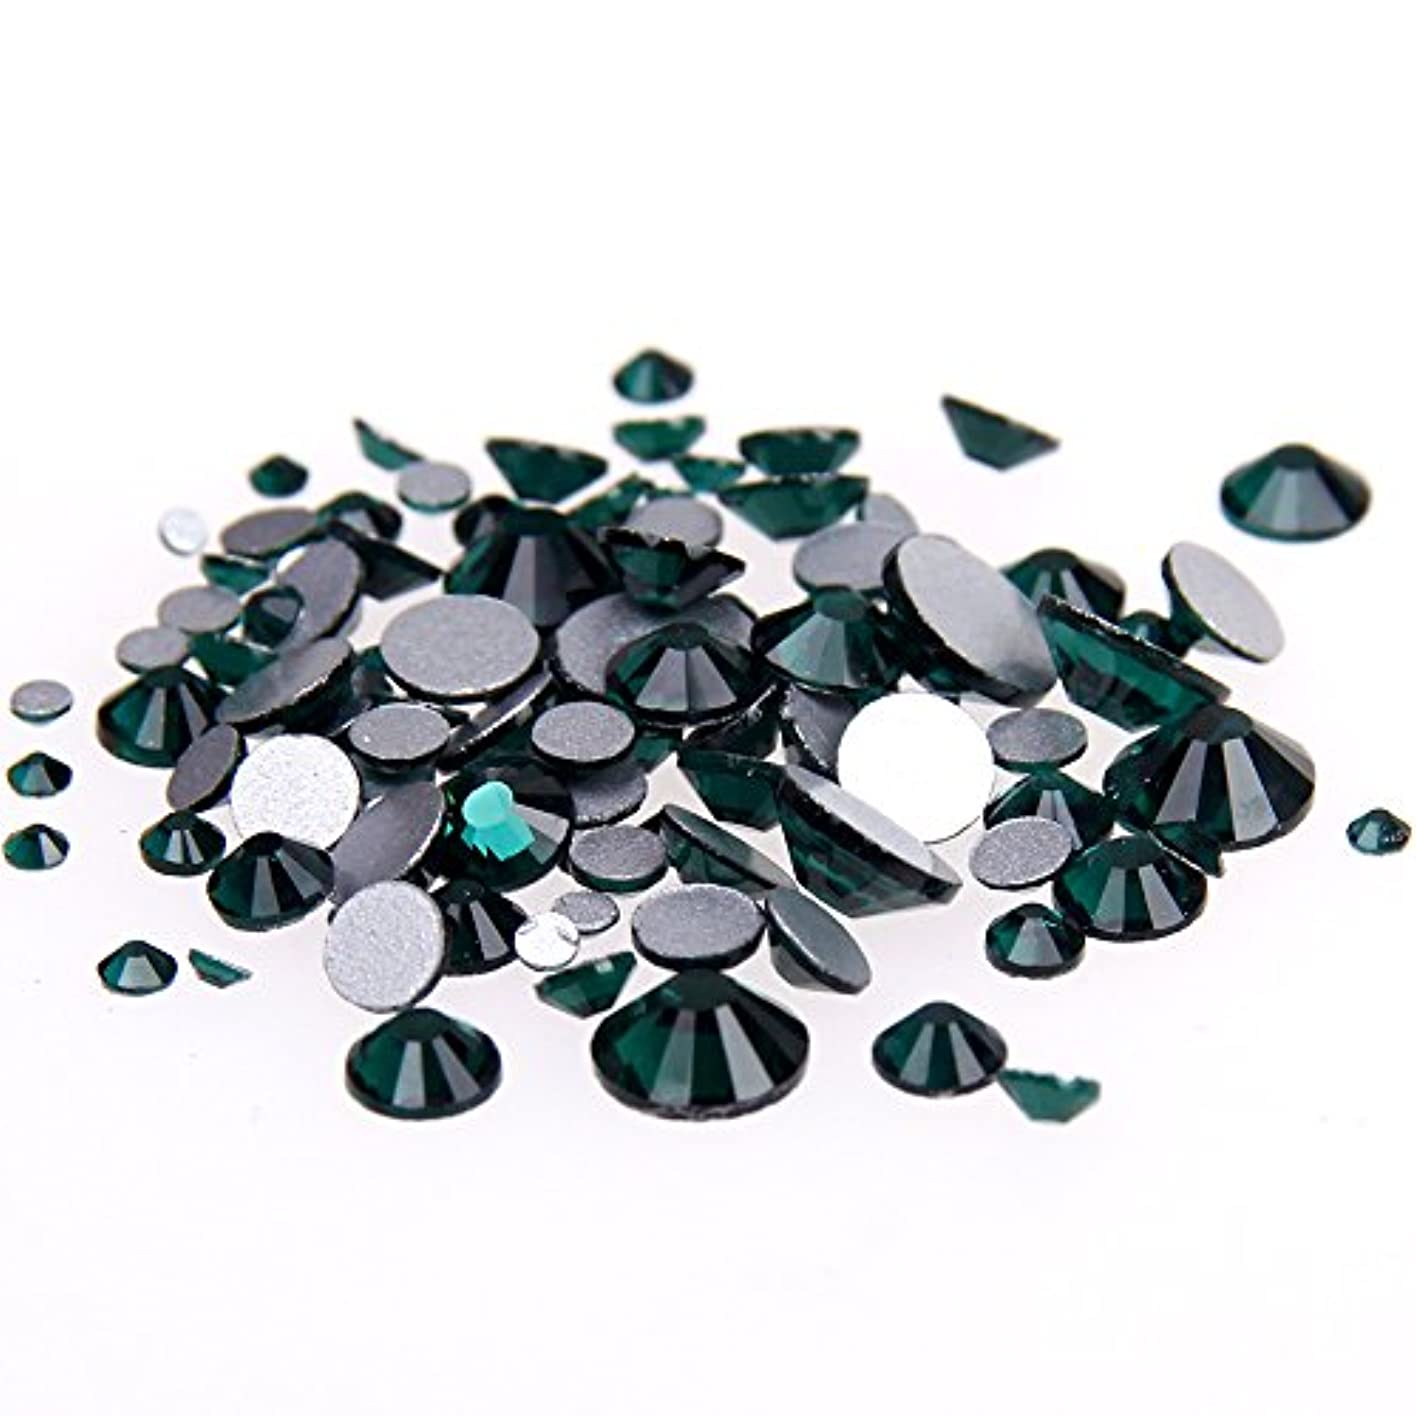 パリティ参加する火曜日Nizi ジュエリー ブランド エメラルド ラインストーン は ガラスの材質 ネイル使用 型番ss3-ss34 (SS20 1440pcs)